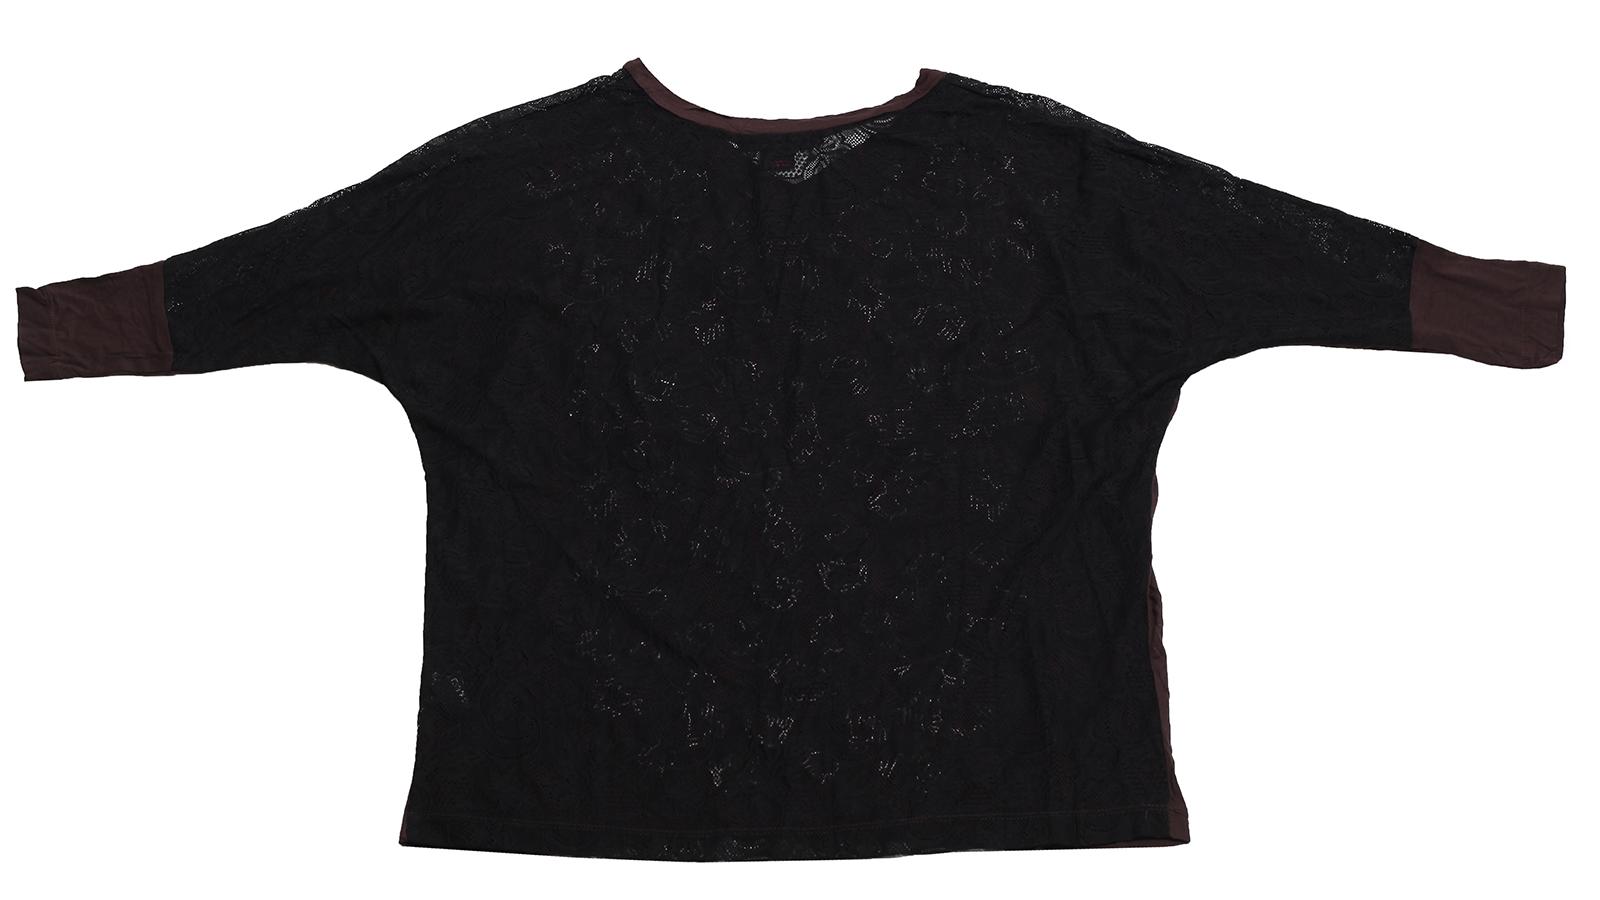 Купить коричневую нарядную кофточку от бренда Rock&Roll CowGirl с ажурной спиной по оптимальной цене